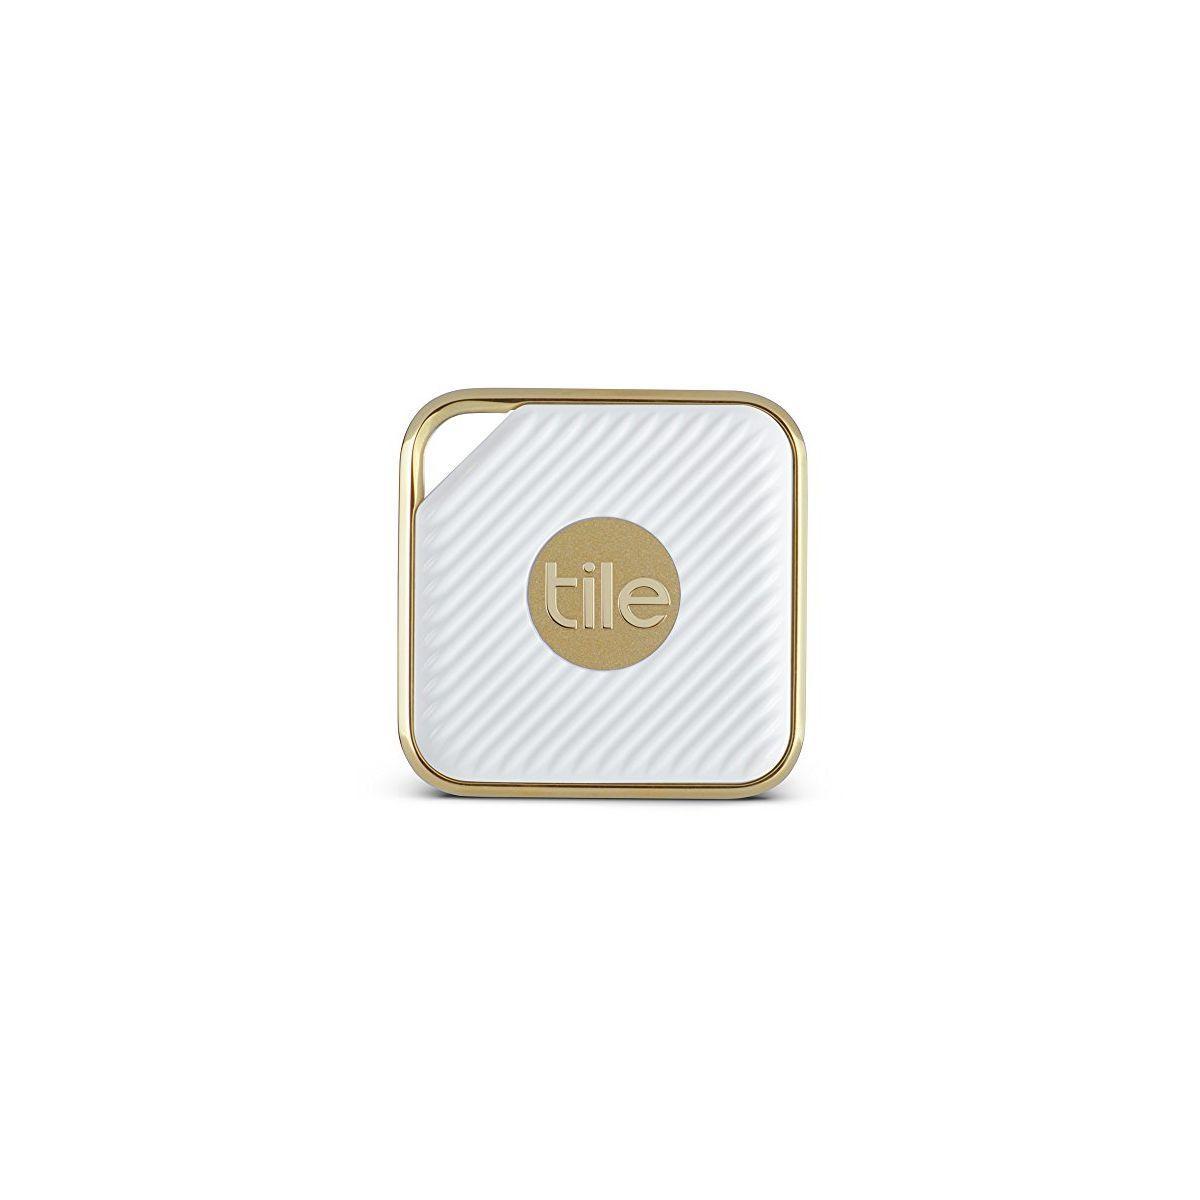 D�tecteur tile pro style - 2% de remise imm�diate avec le code : paques2 (photo)